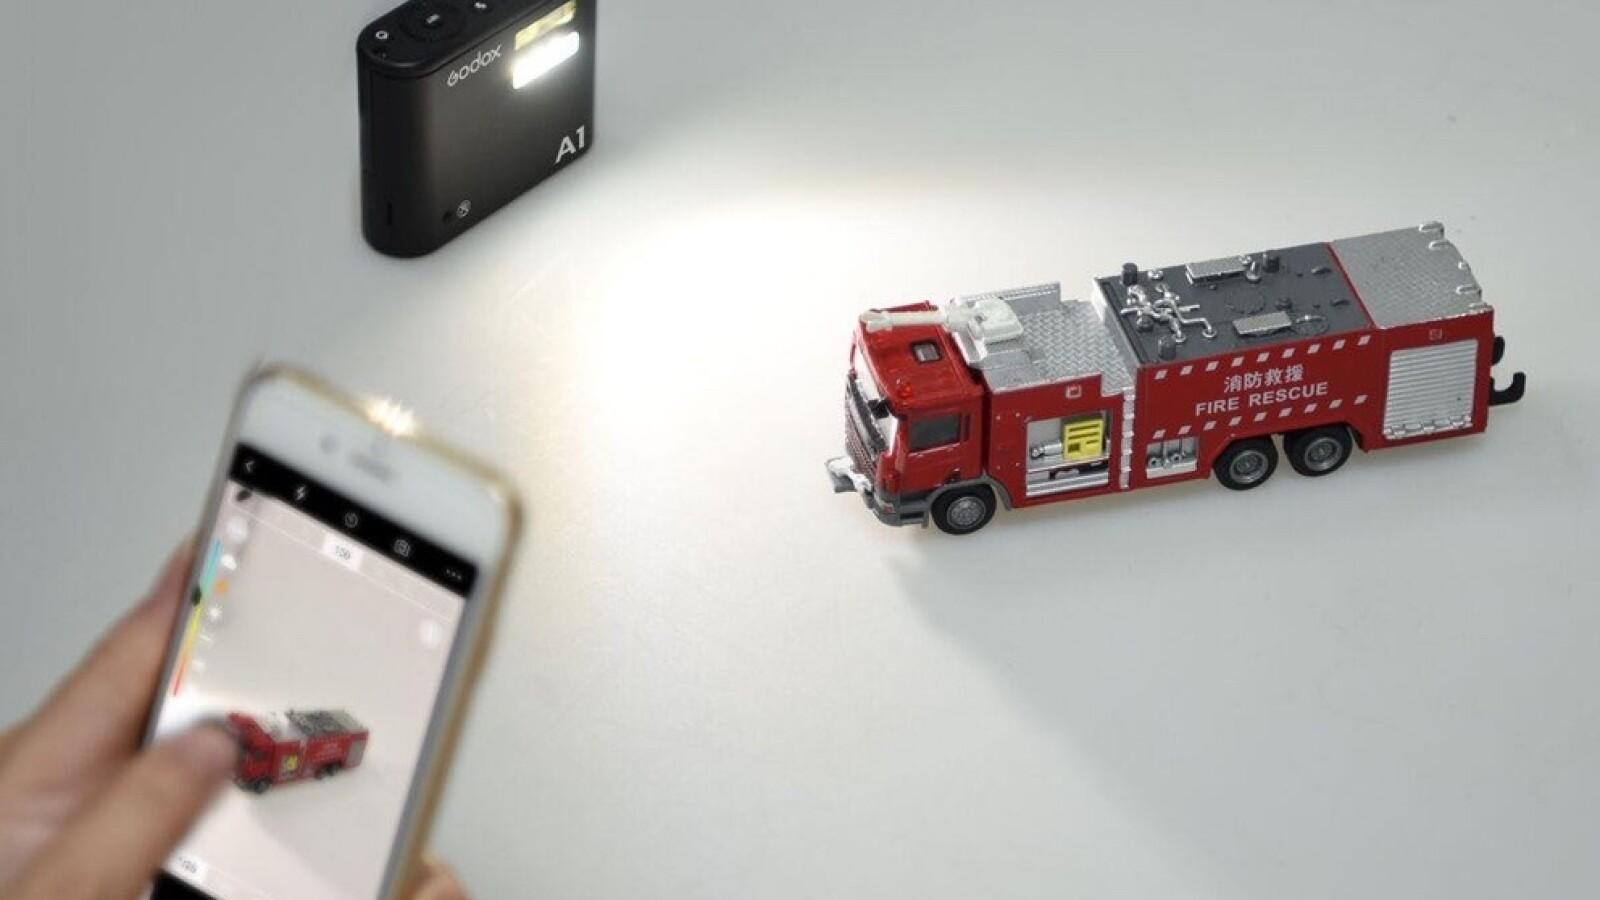 Fotografieren mit dem Smartphone: Handy-Blitz effektiv nutzen